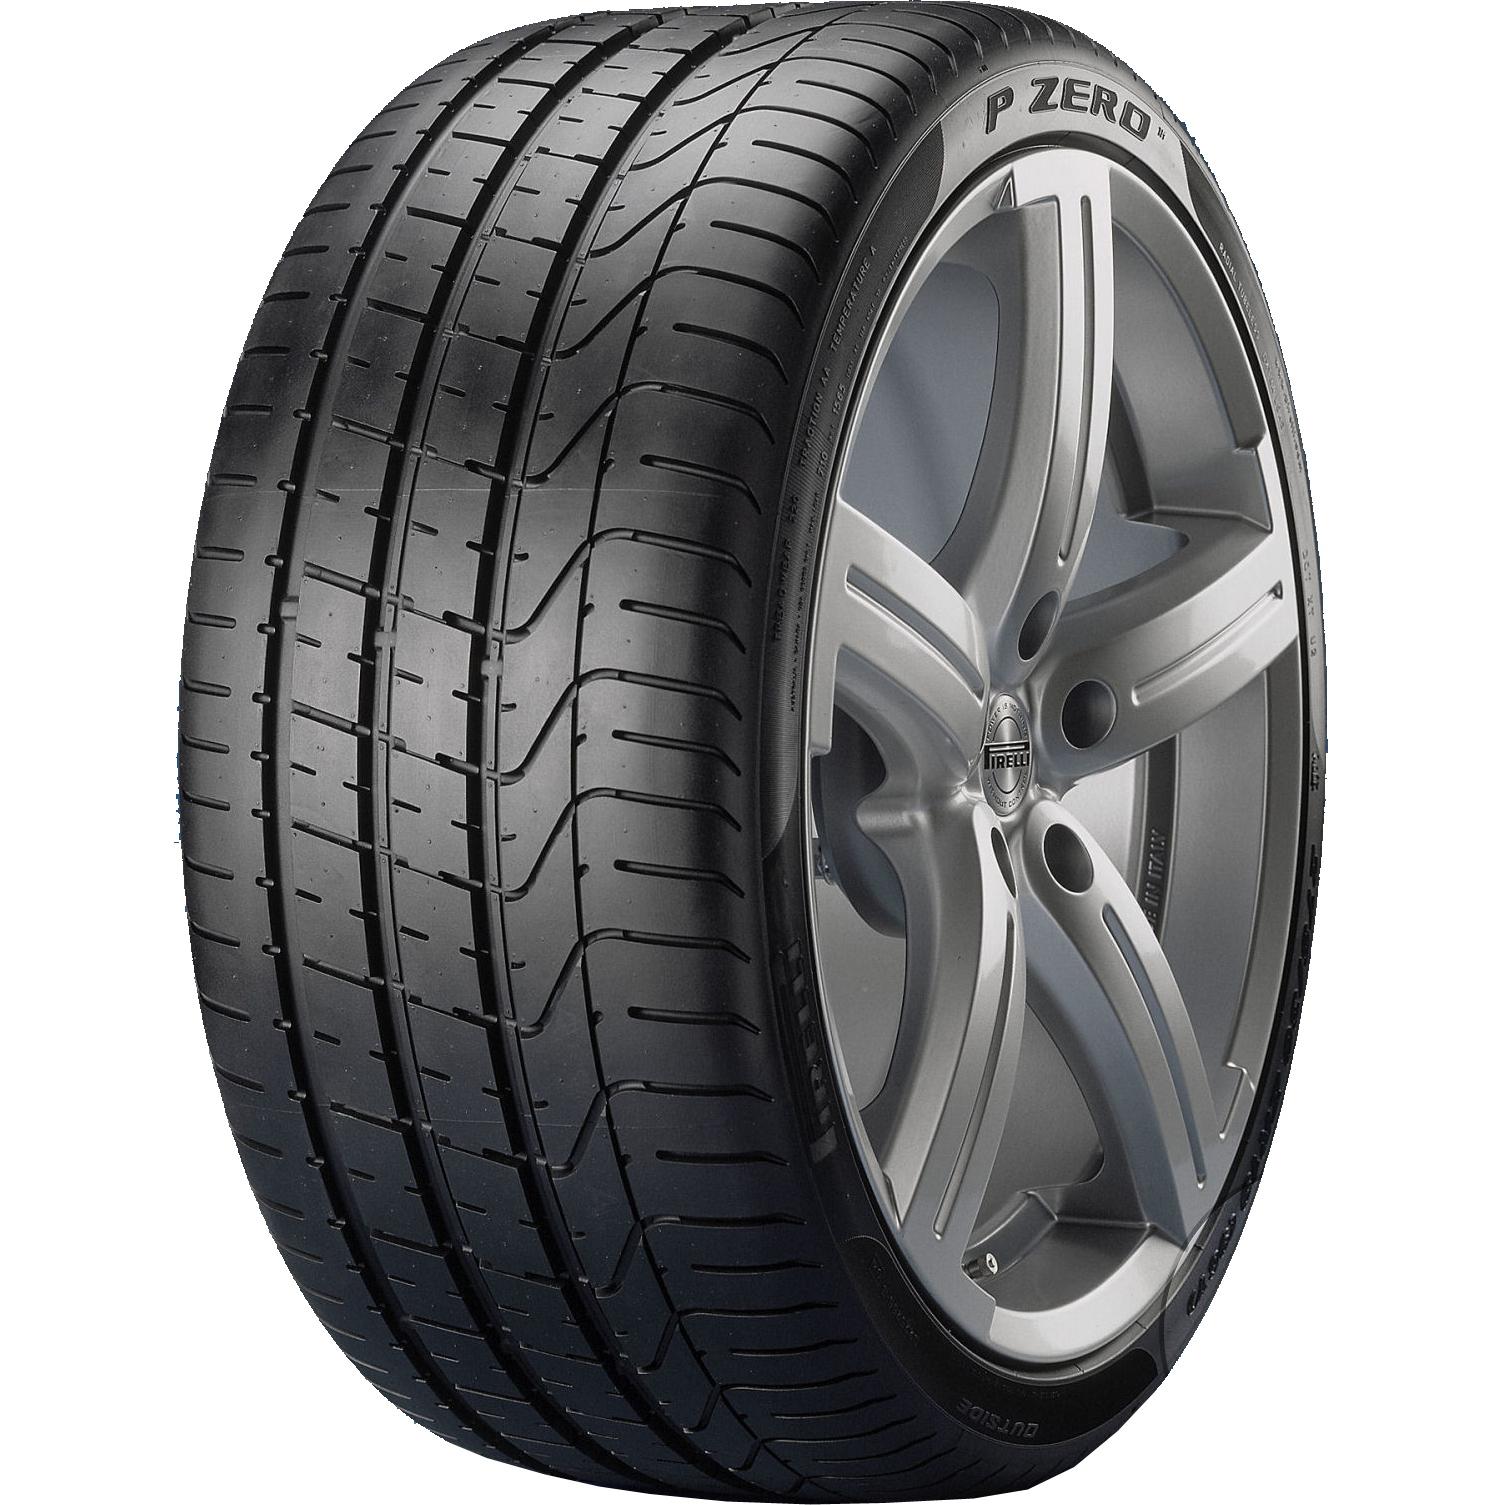 Шины Pirelli P ZERO 285/40ZR19 107Y